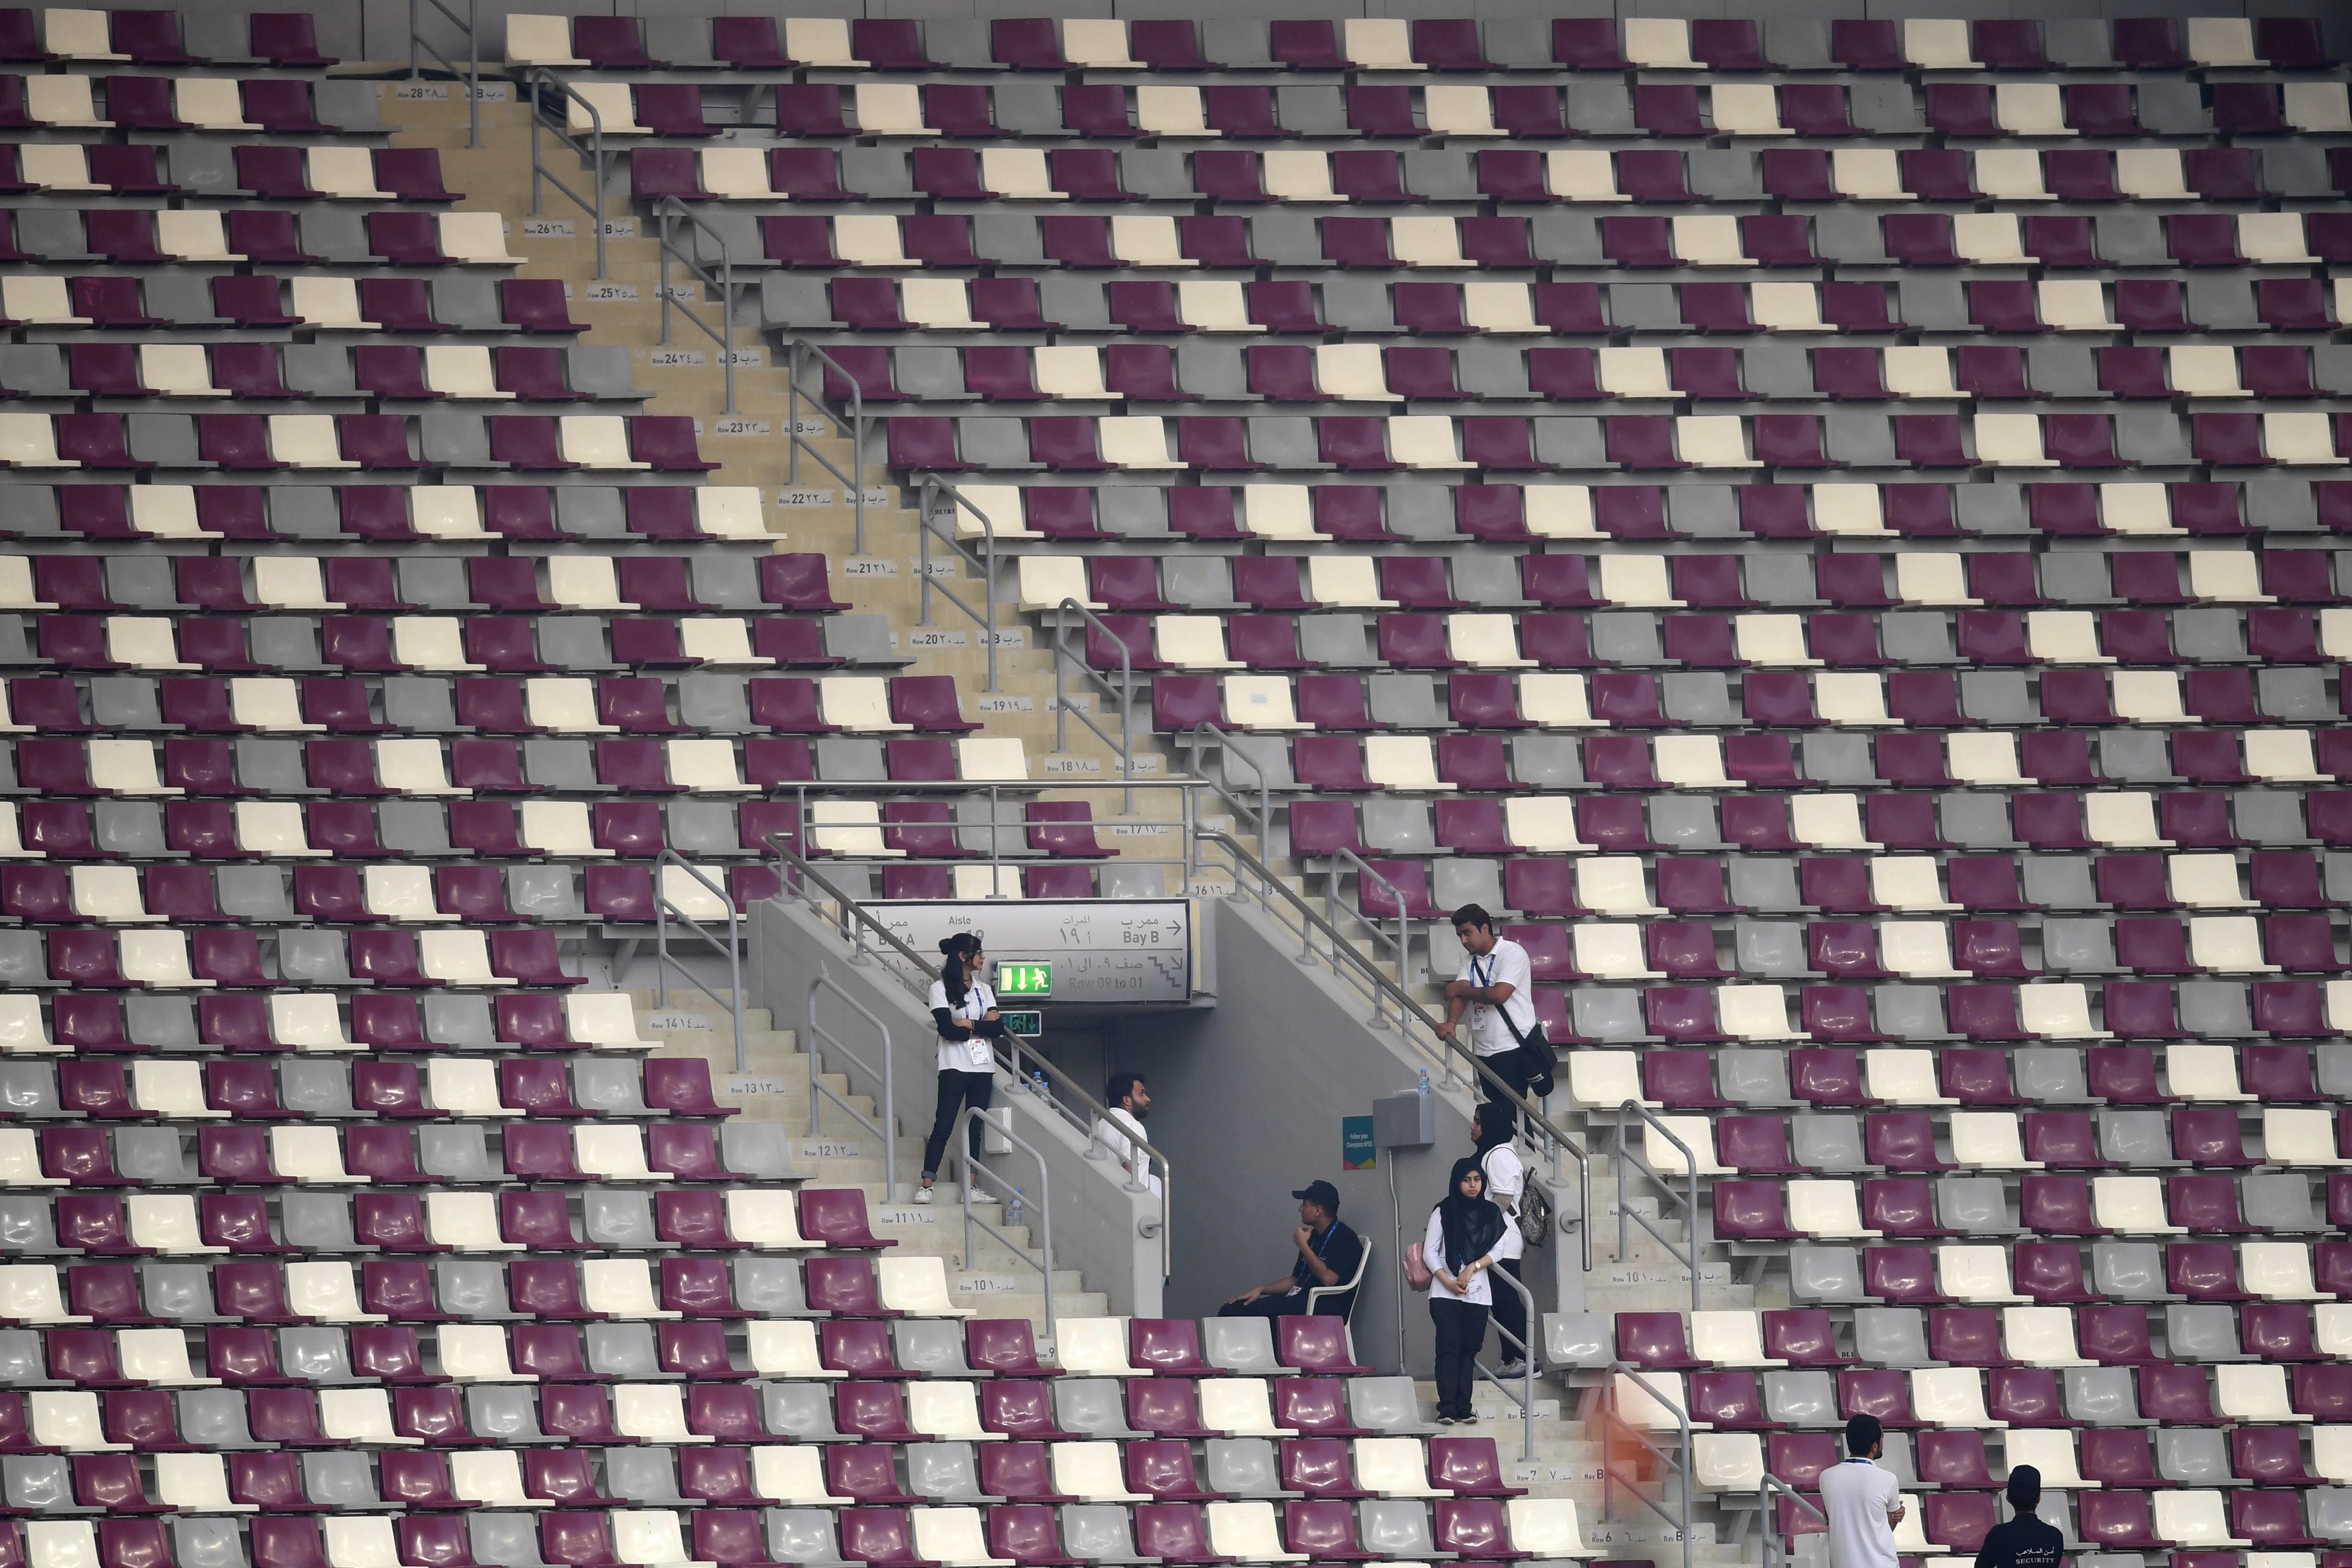 Una de las imágenes que más llama la atención es la falta de público en el estadio